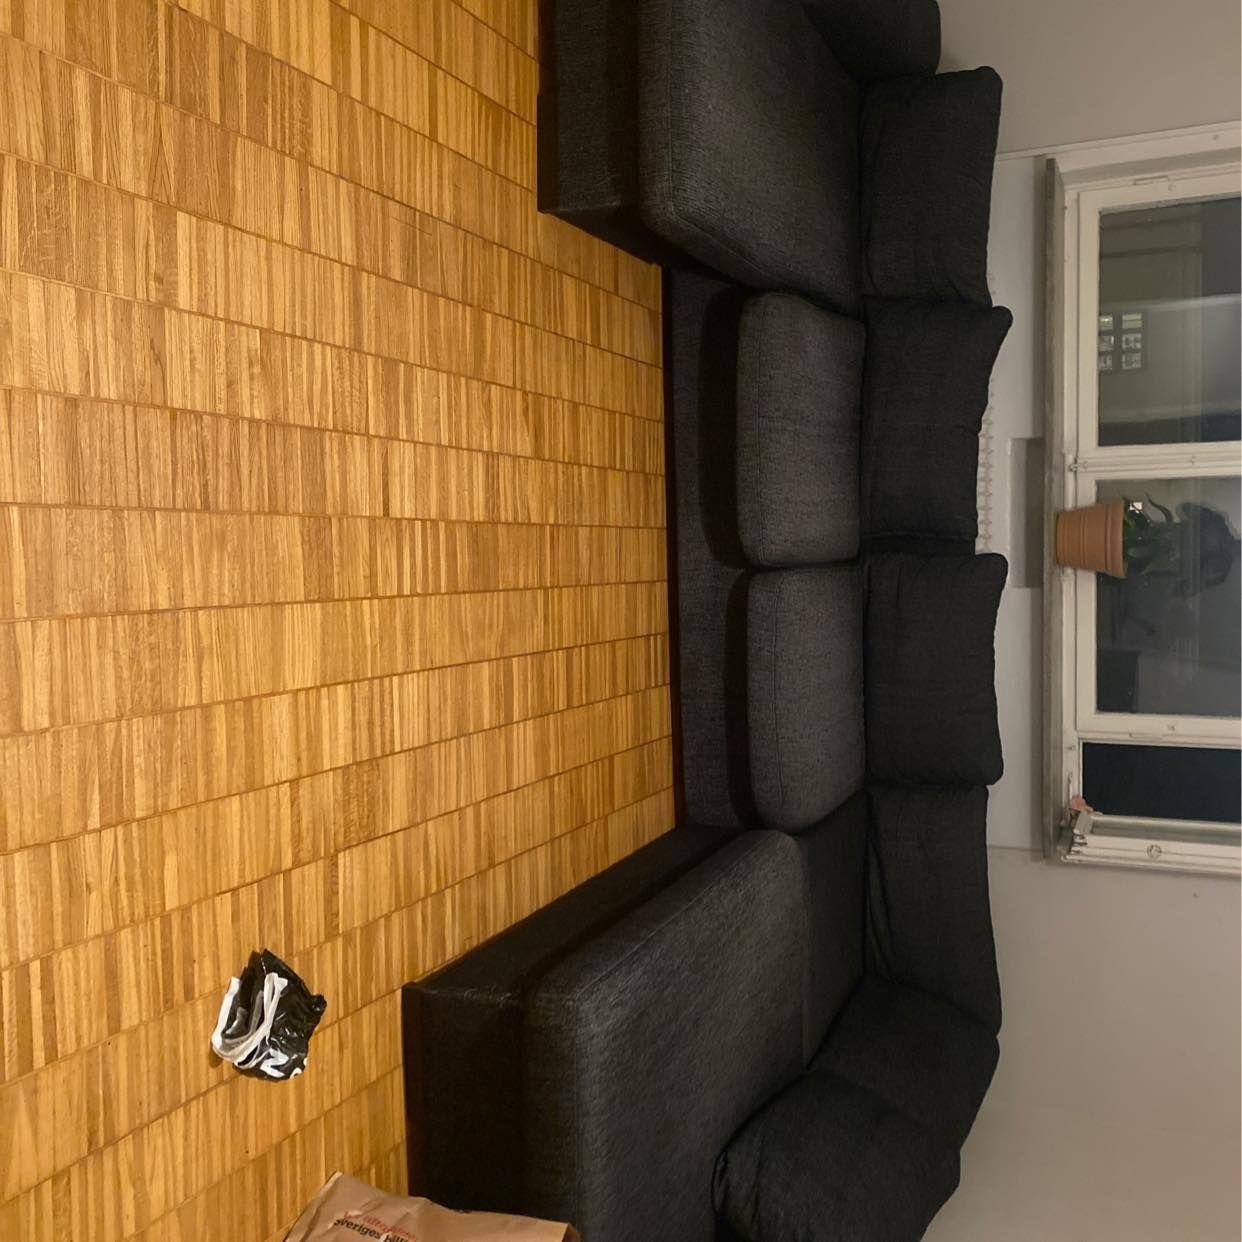 image of Gratis soffa - Södertälje